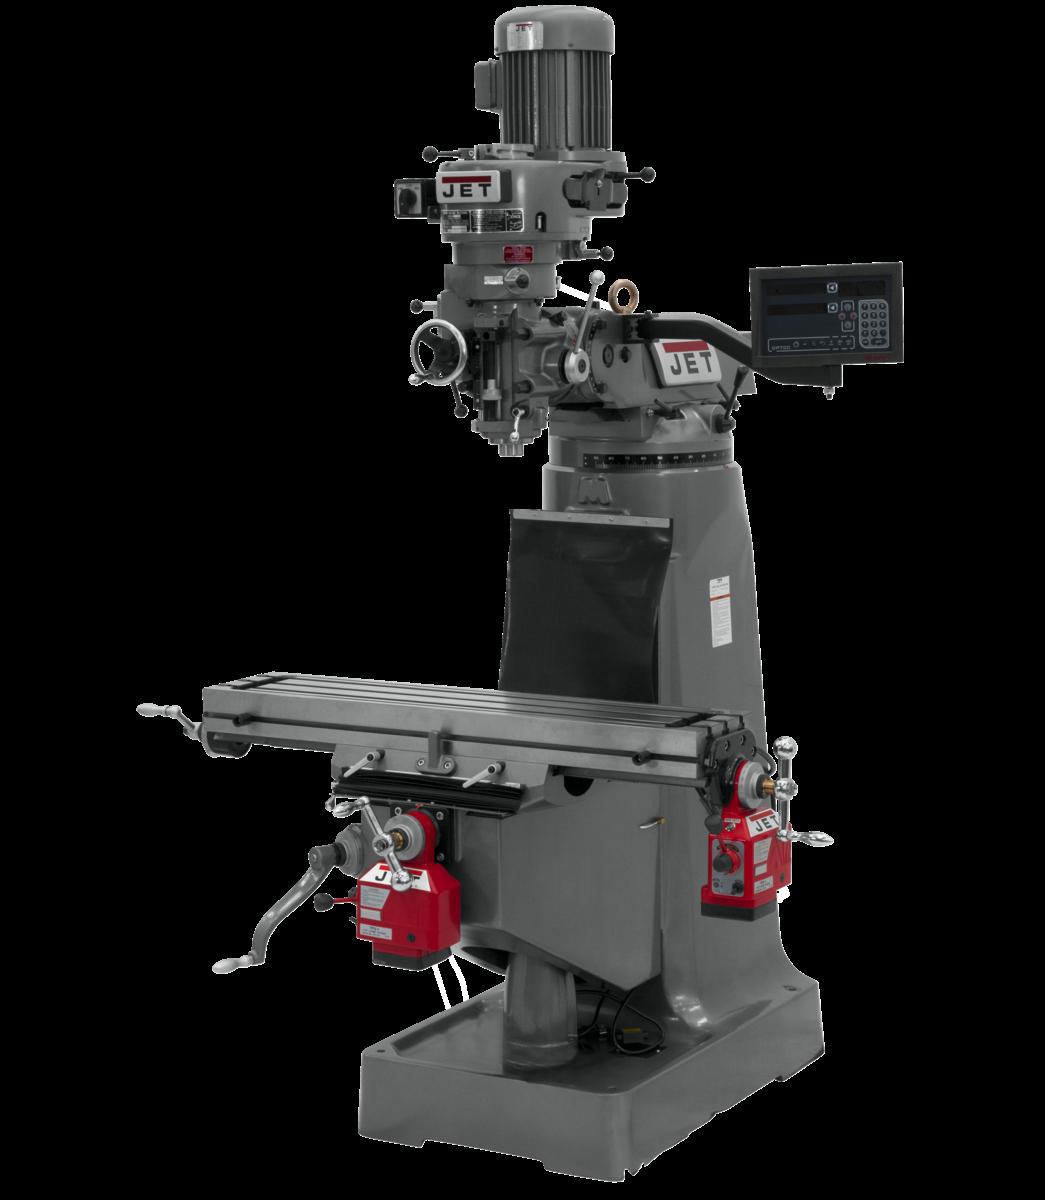 Fresadora JTM-1 con visualizador de posición digital NEWALL DP700 de 3 ejes (eje hueco) y alimentación automática ejes X e Y